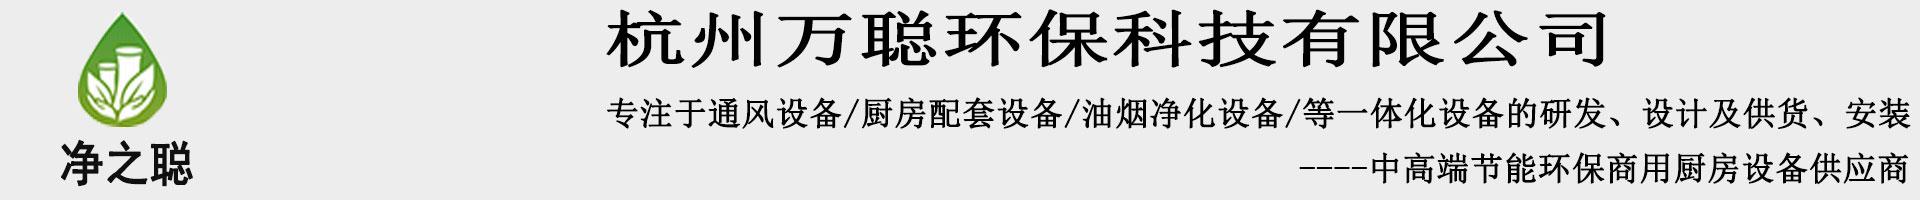 杭州万聪环保科技有限公司